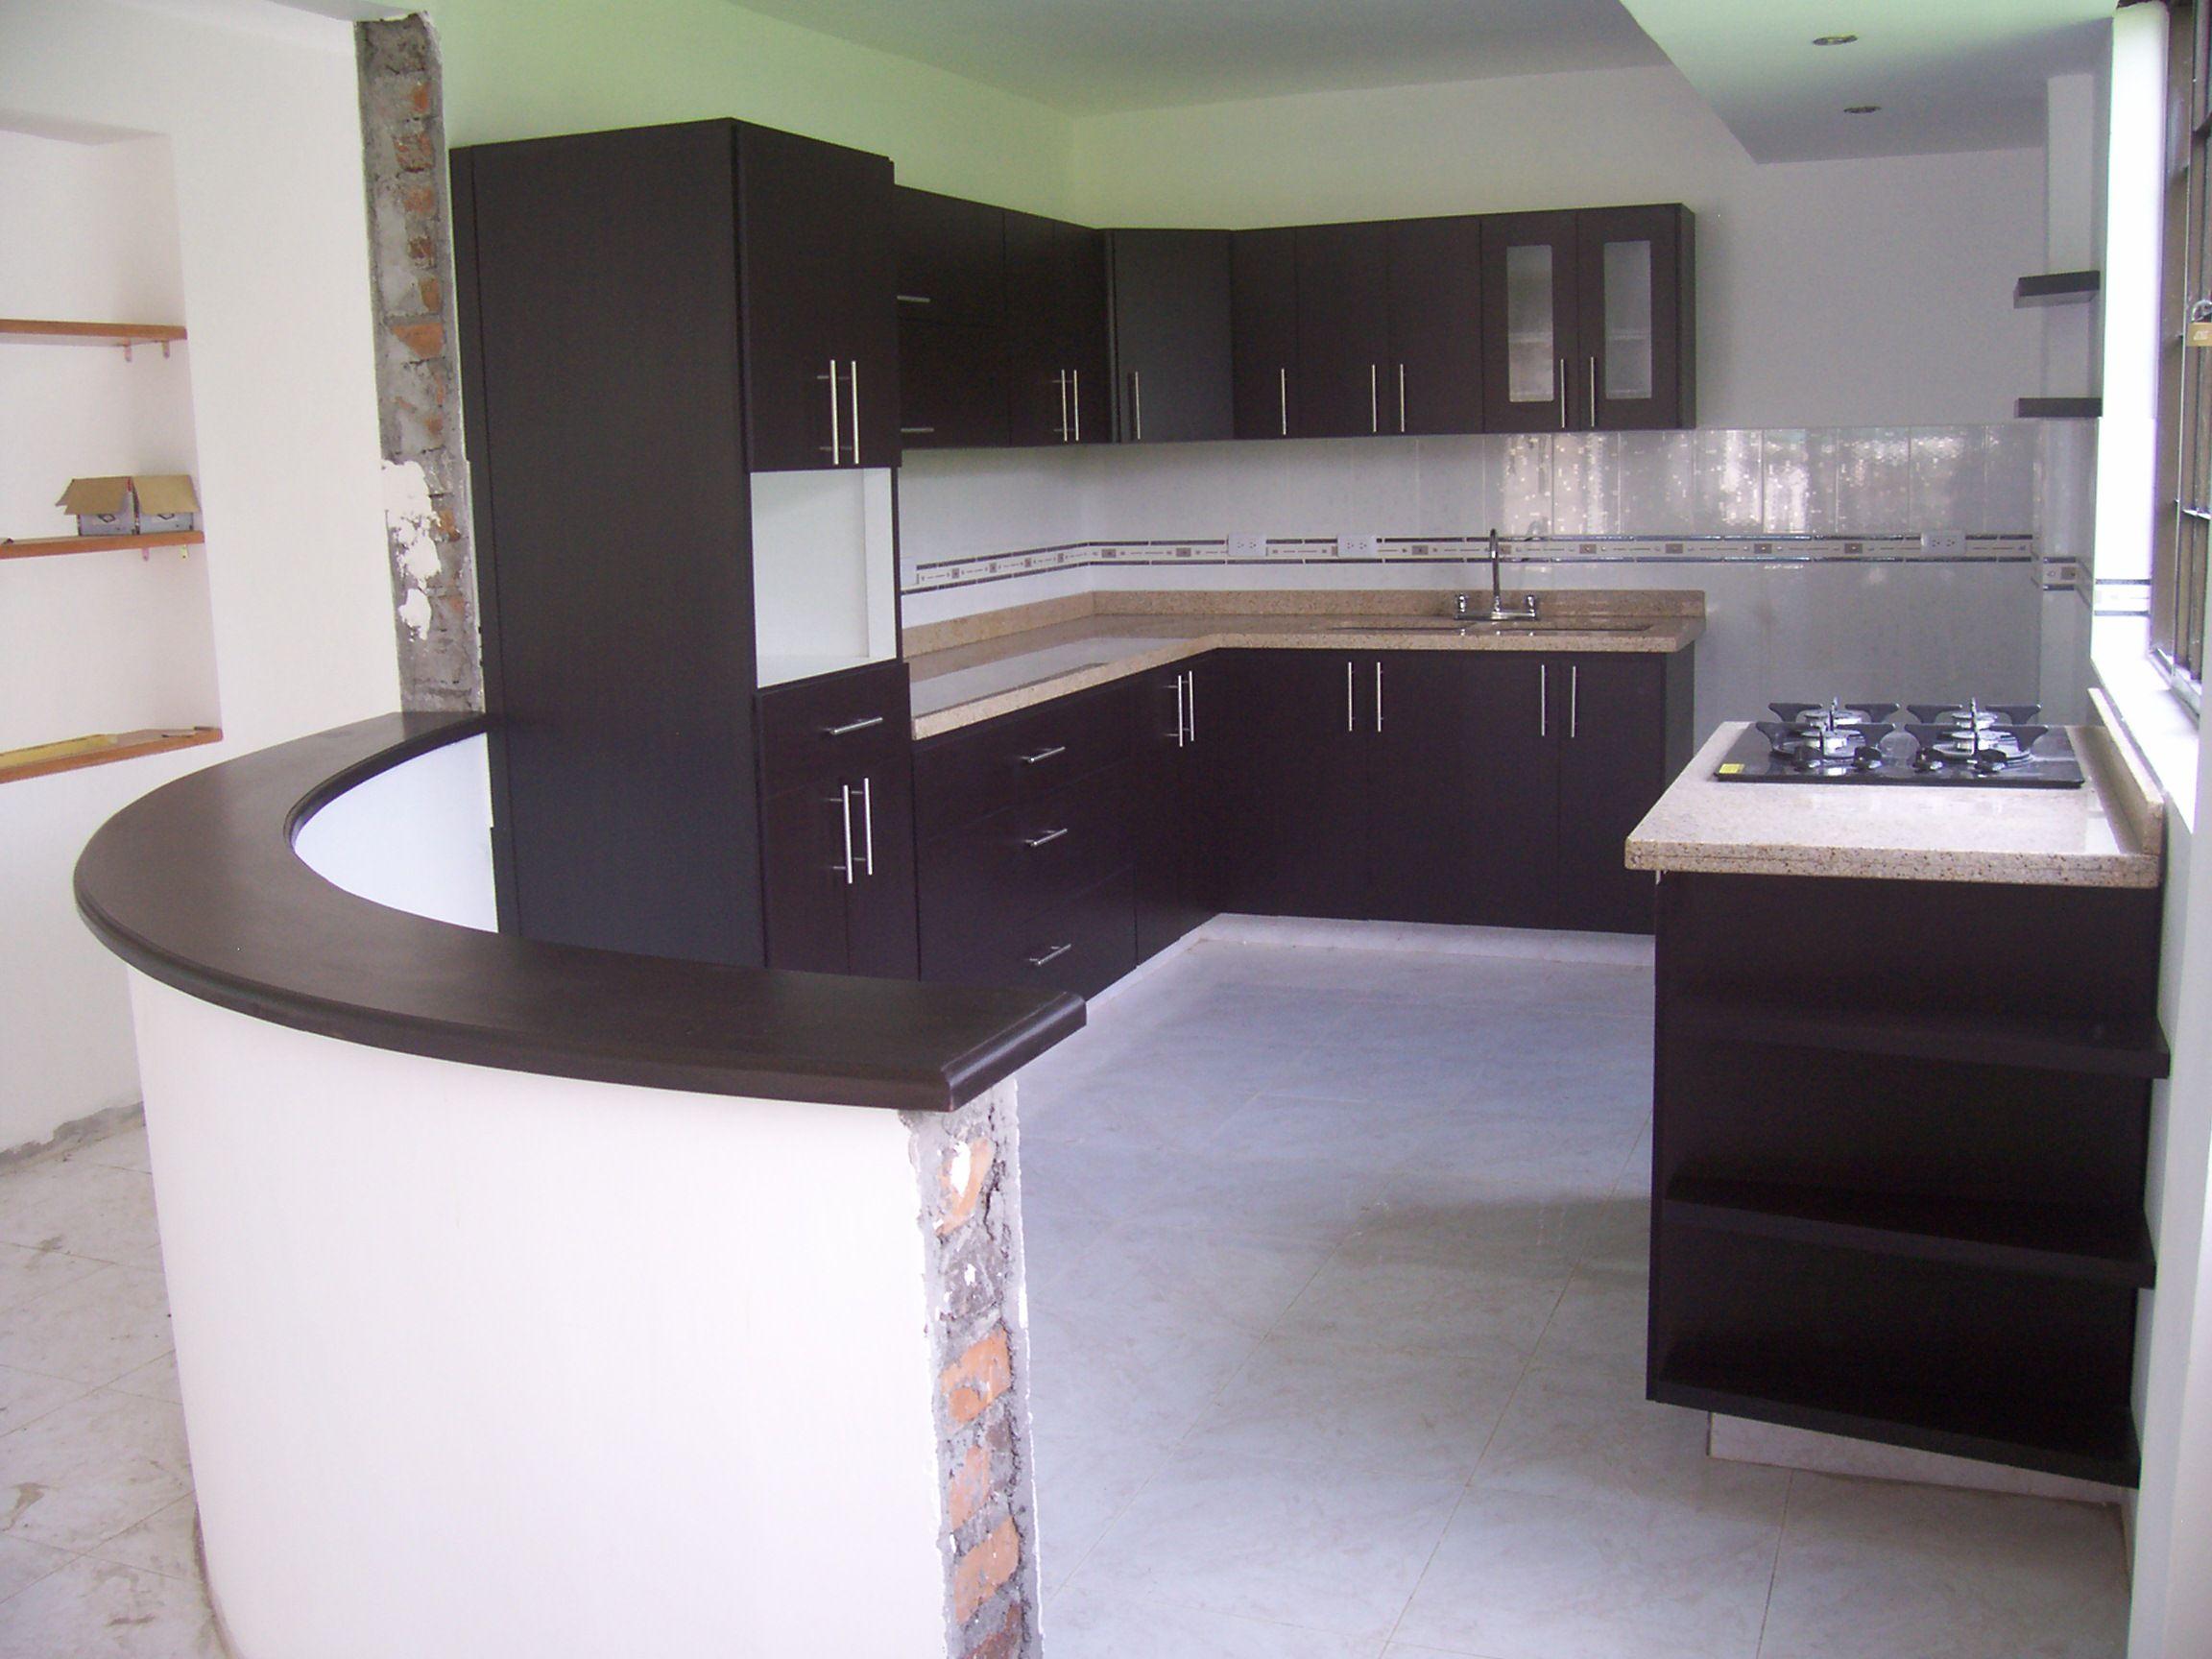 Pereira fabricada por c g arte y decoraci n cocina con for Barras de granito para cocina